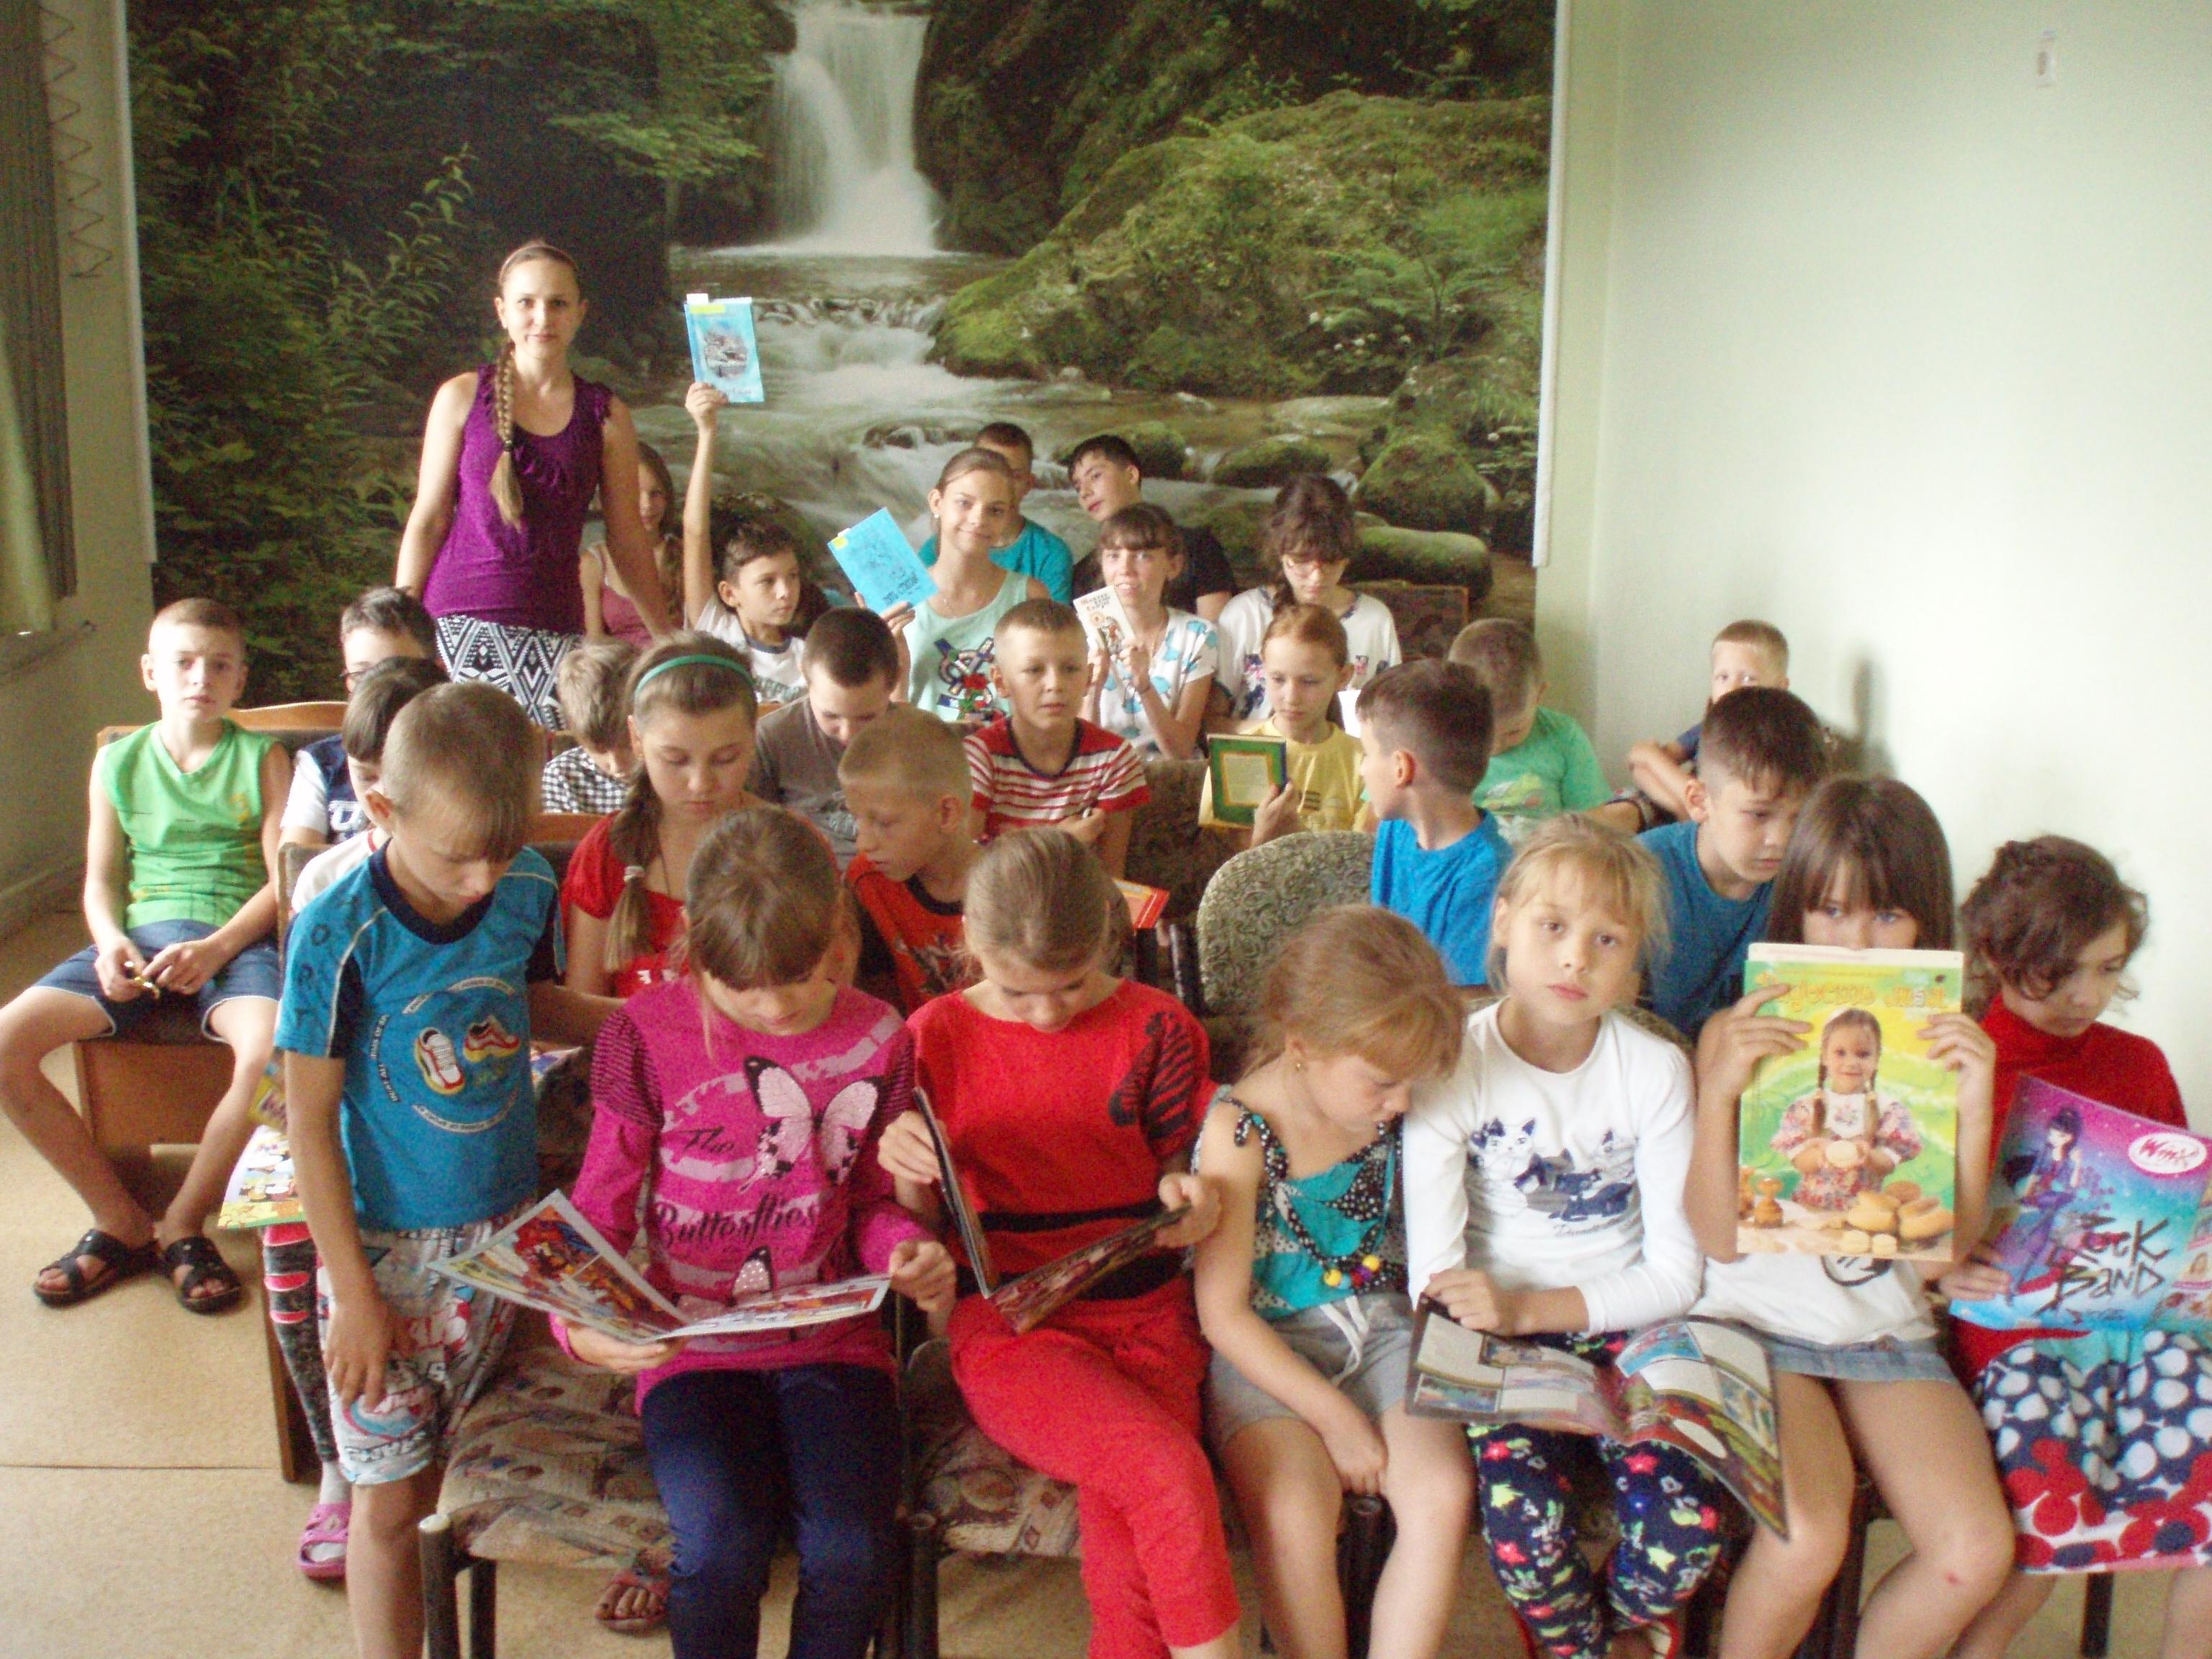 донецкая республиканская библиотека для детей, донецк, отдел обслуживания учащихся 5-9 классов, писатели донбасса